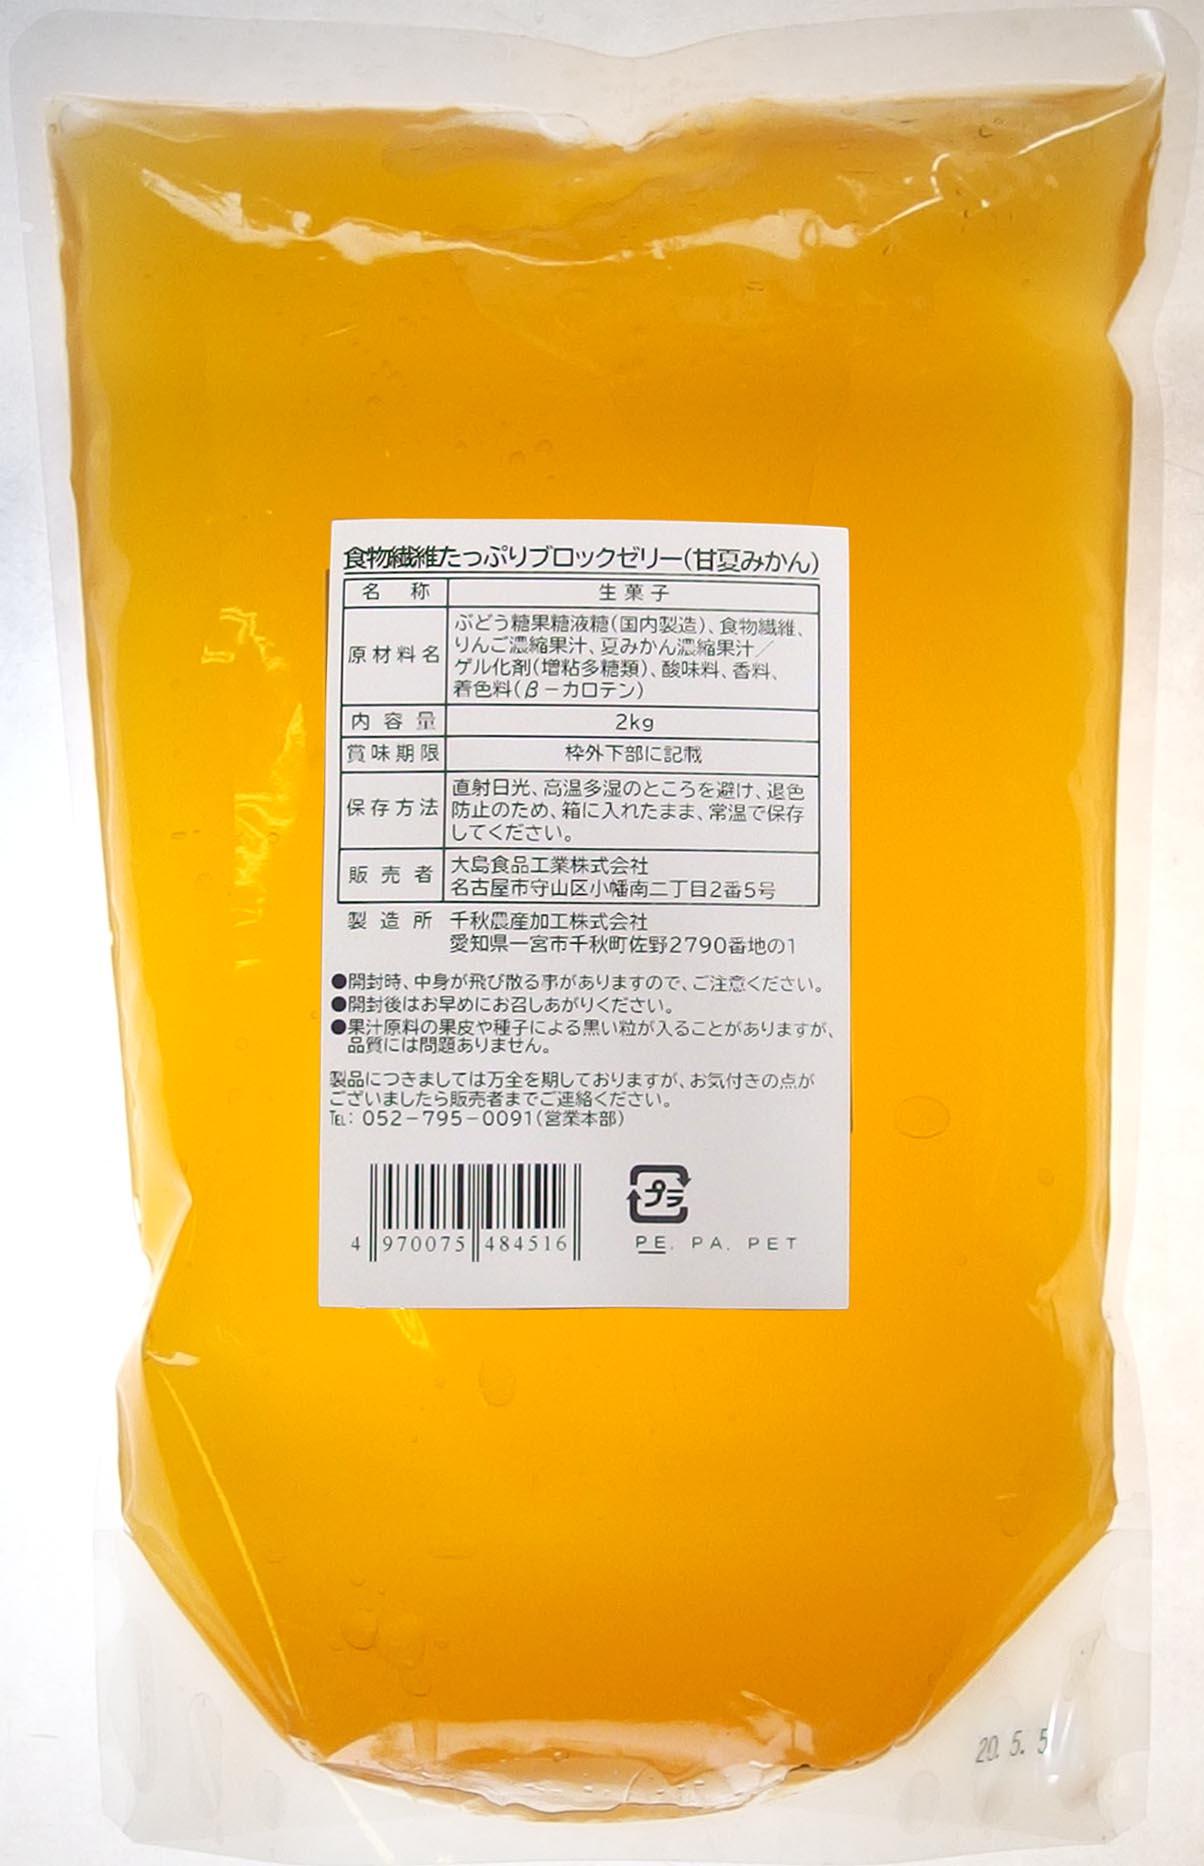 食物繊維たっぷりブロックゼリー(甘夏みかん)